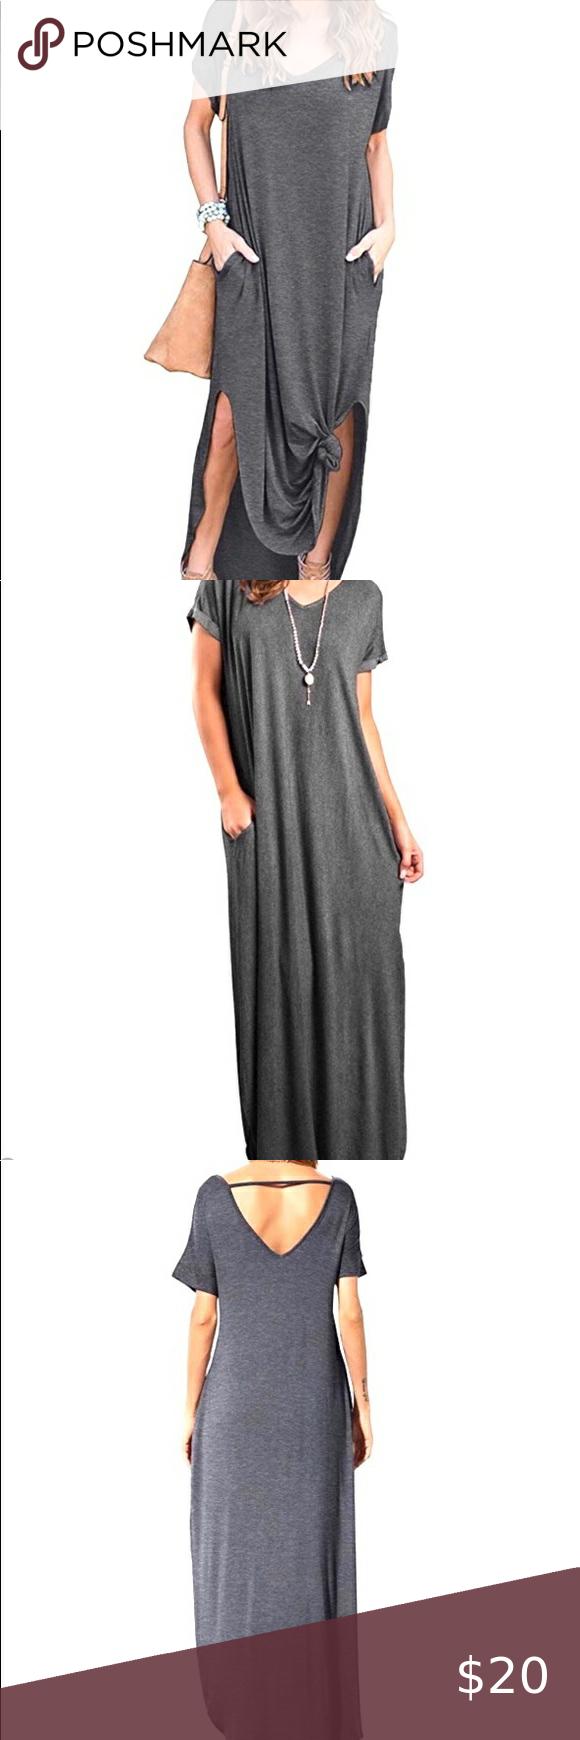 Heather Grey Boho T Shirt Maxi Dress Sz Xl Nwt Maxi Shirt Dress Maxi Dress Amazon Dresses [ 1740 x 580 Pixel ]